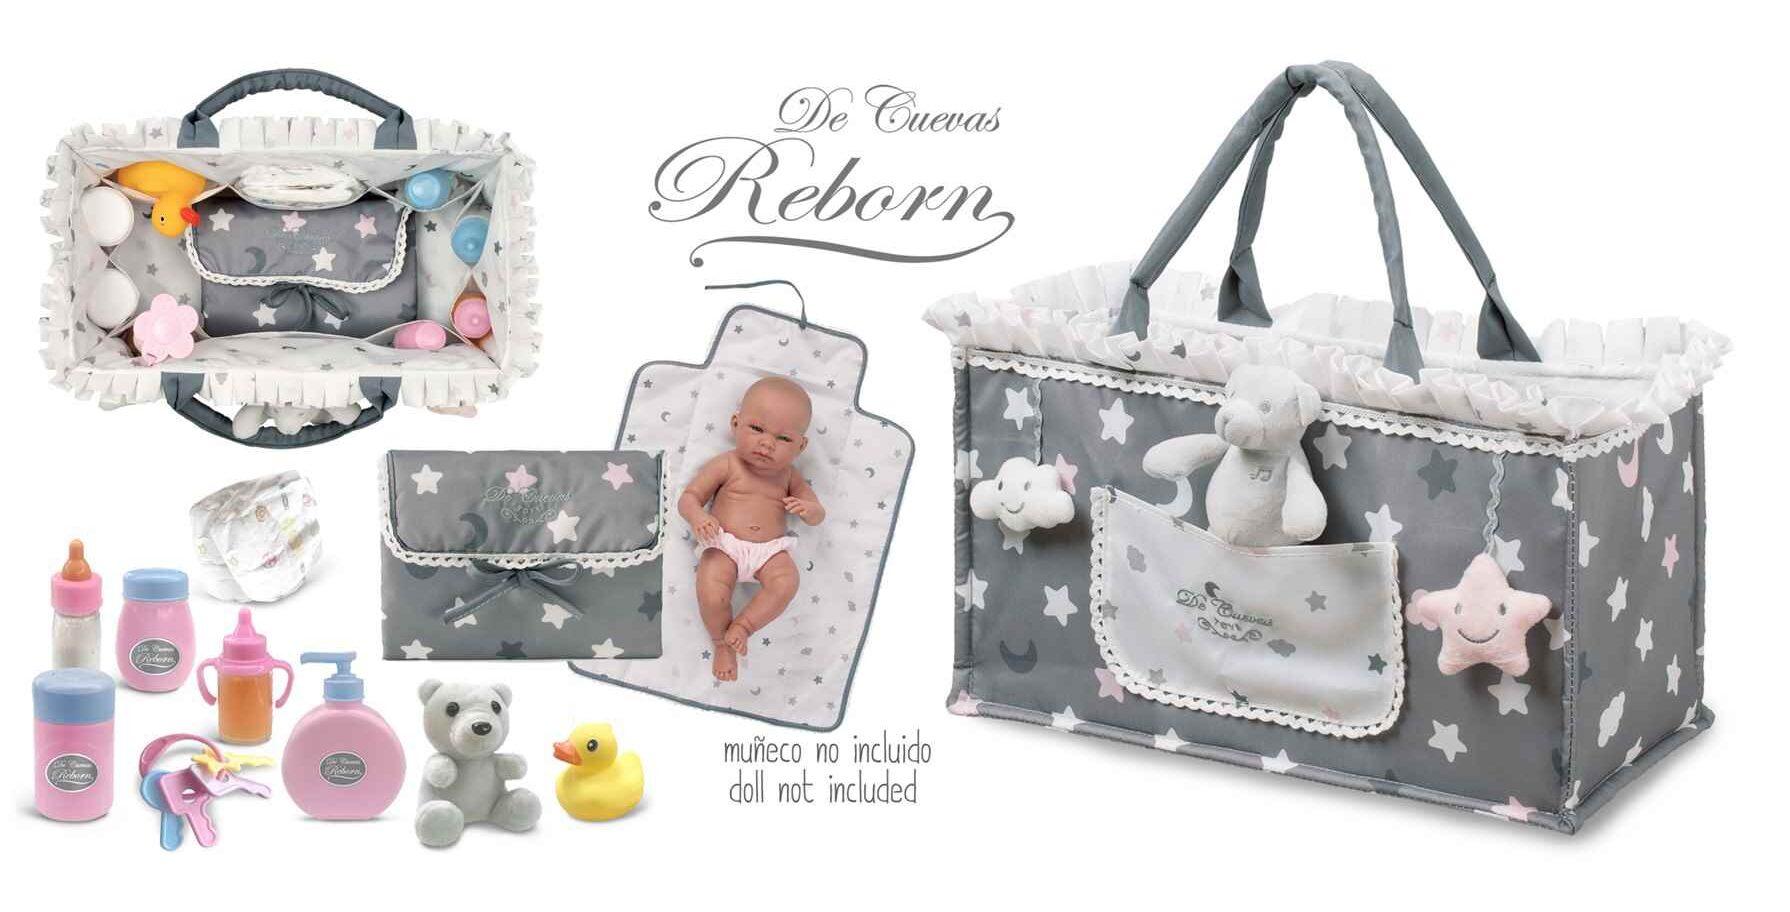 Accesorios muñeco bebé reborn